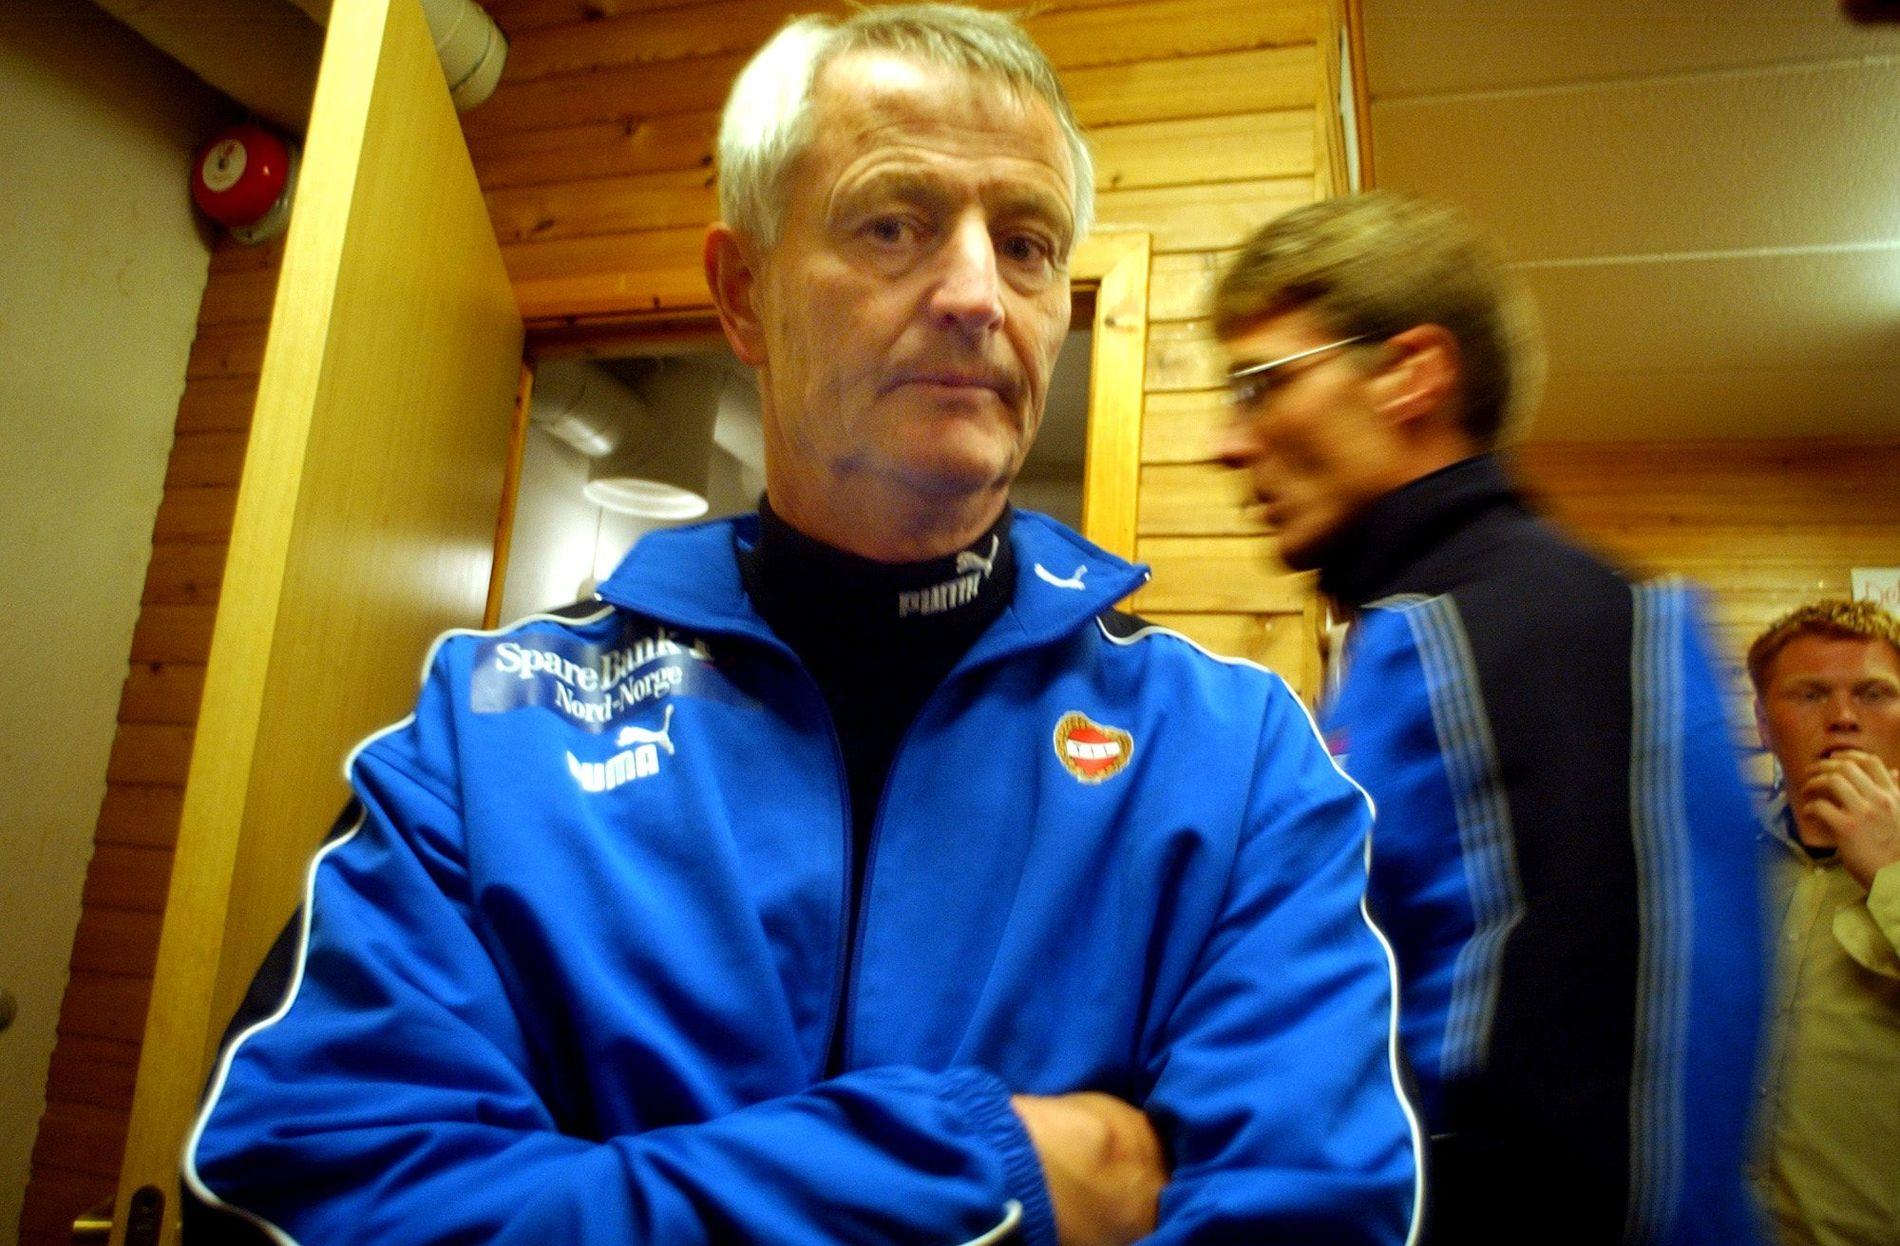 DØDE: Terje Skarsfjord har gått bort. Dette bildet er fra en TIL-kamp tilbake i 2003.